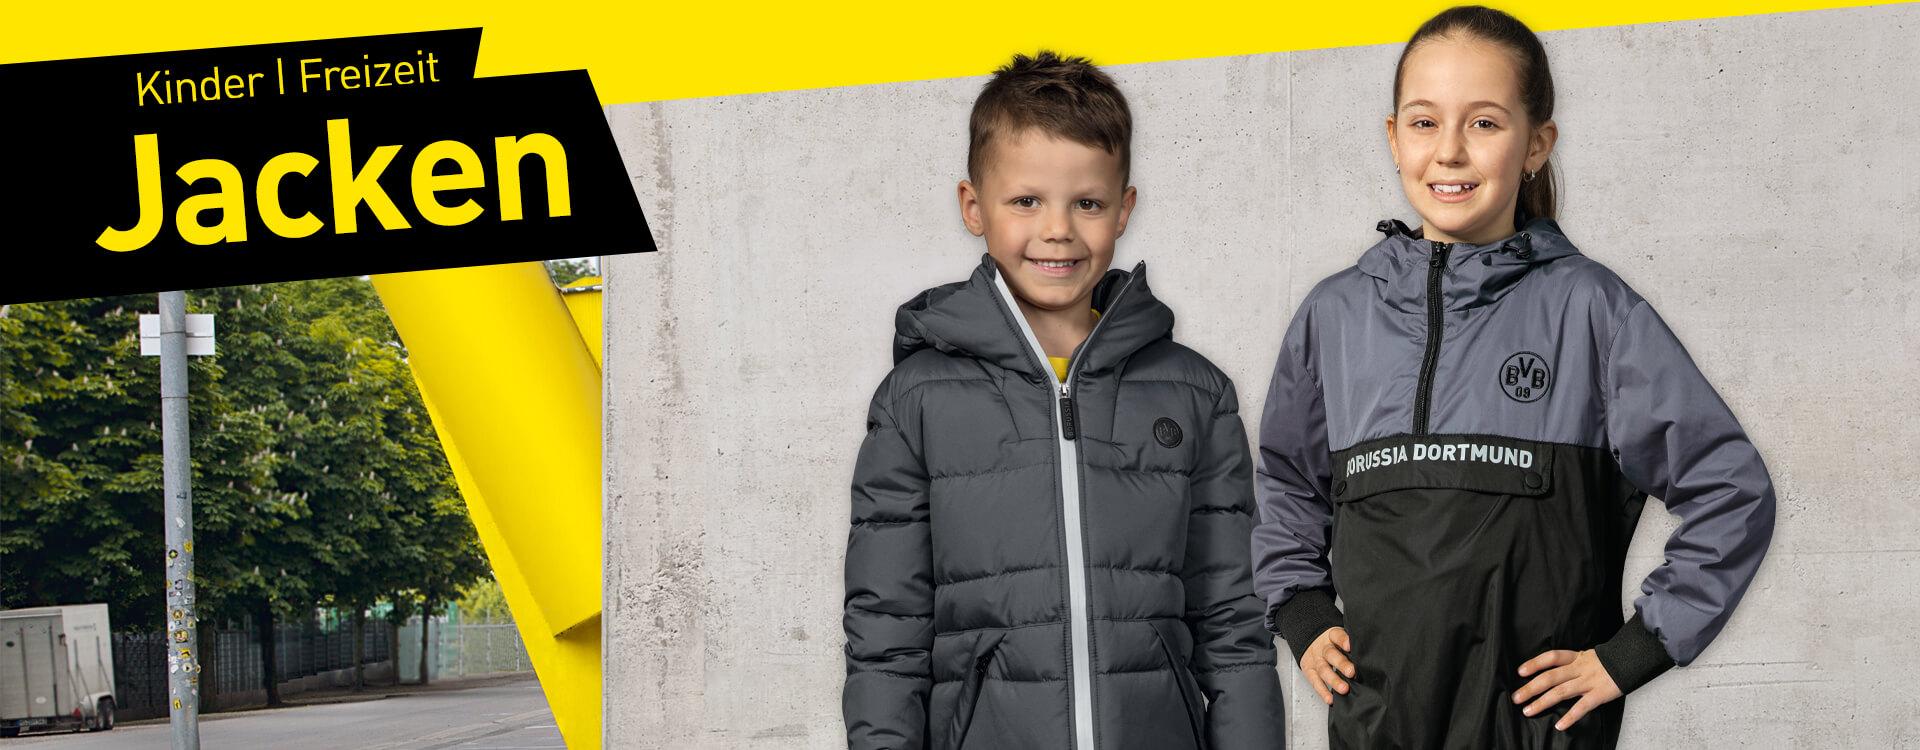 Onlineshop-Kategorieb-hnen-Desktop-1920x750px_Kinder-Freizeit-Jacken